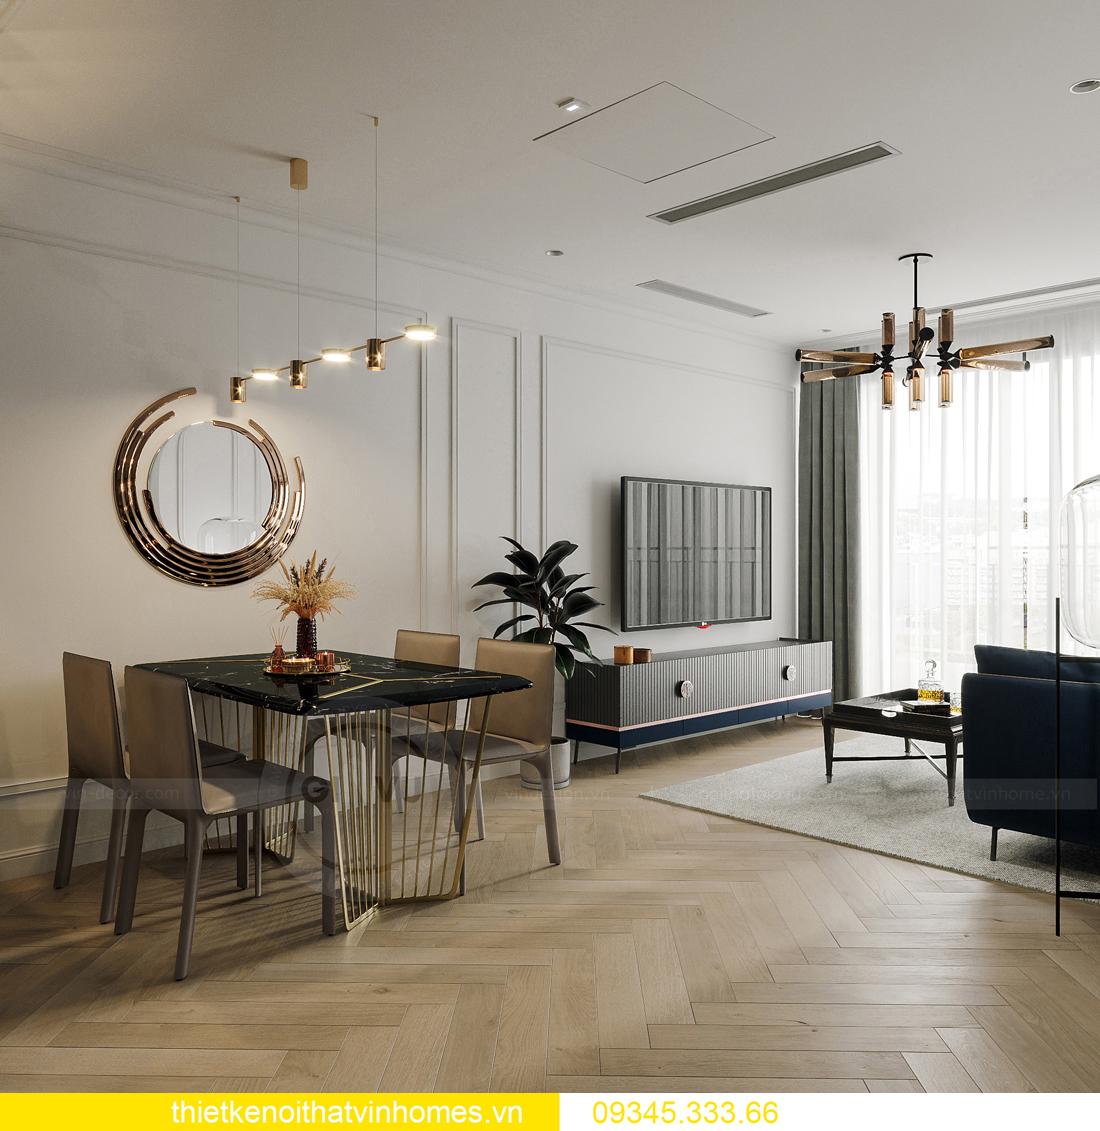 mẫu thiết kế nội thất chung cư Smart City tòa S201 căn 17 5